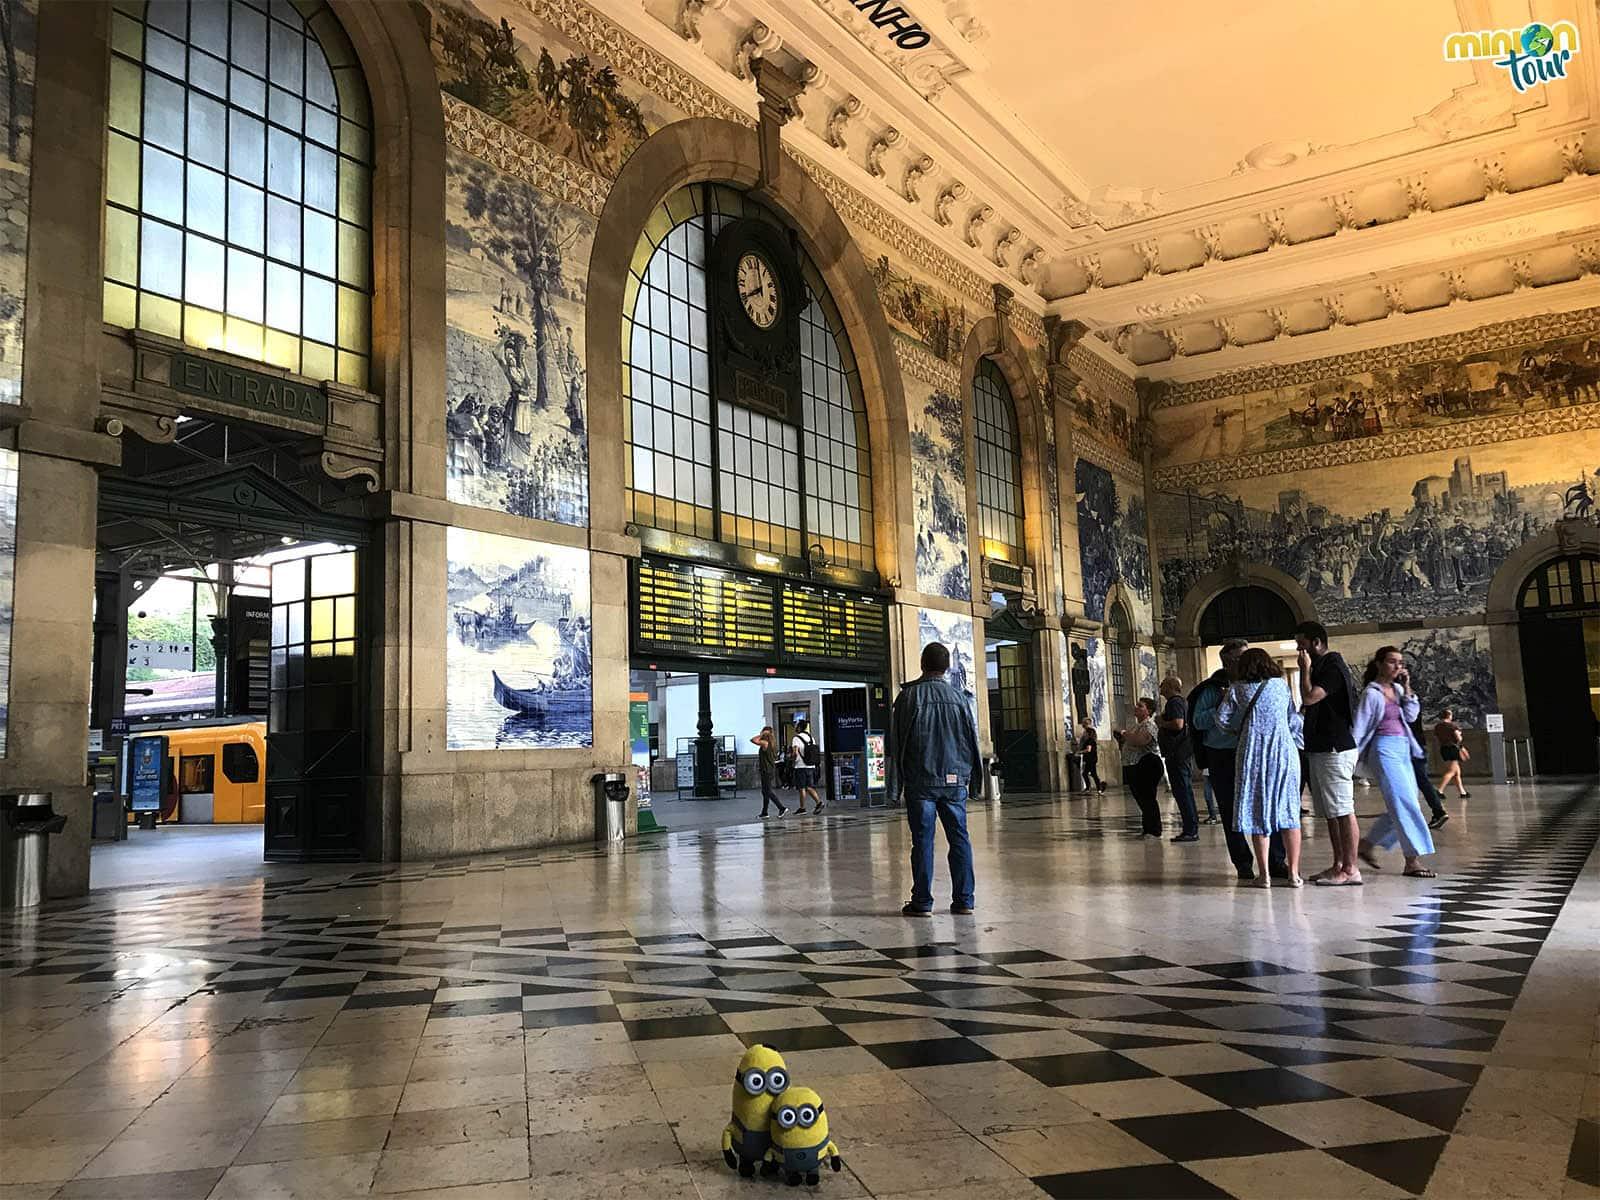 Interior de la Estación de San Bento